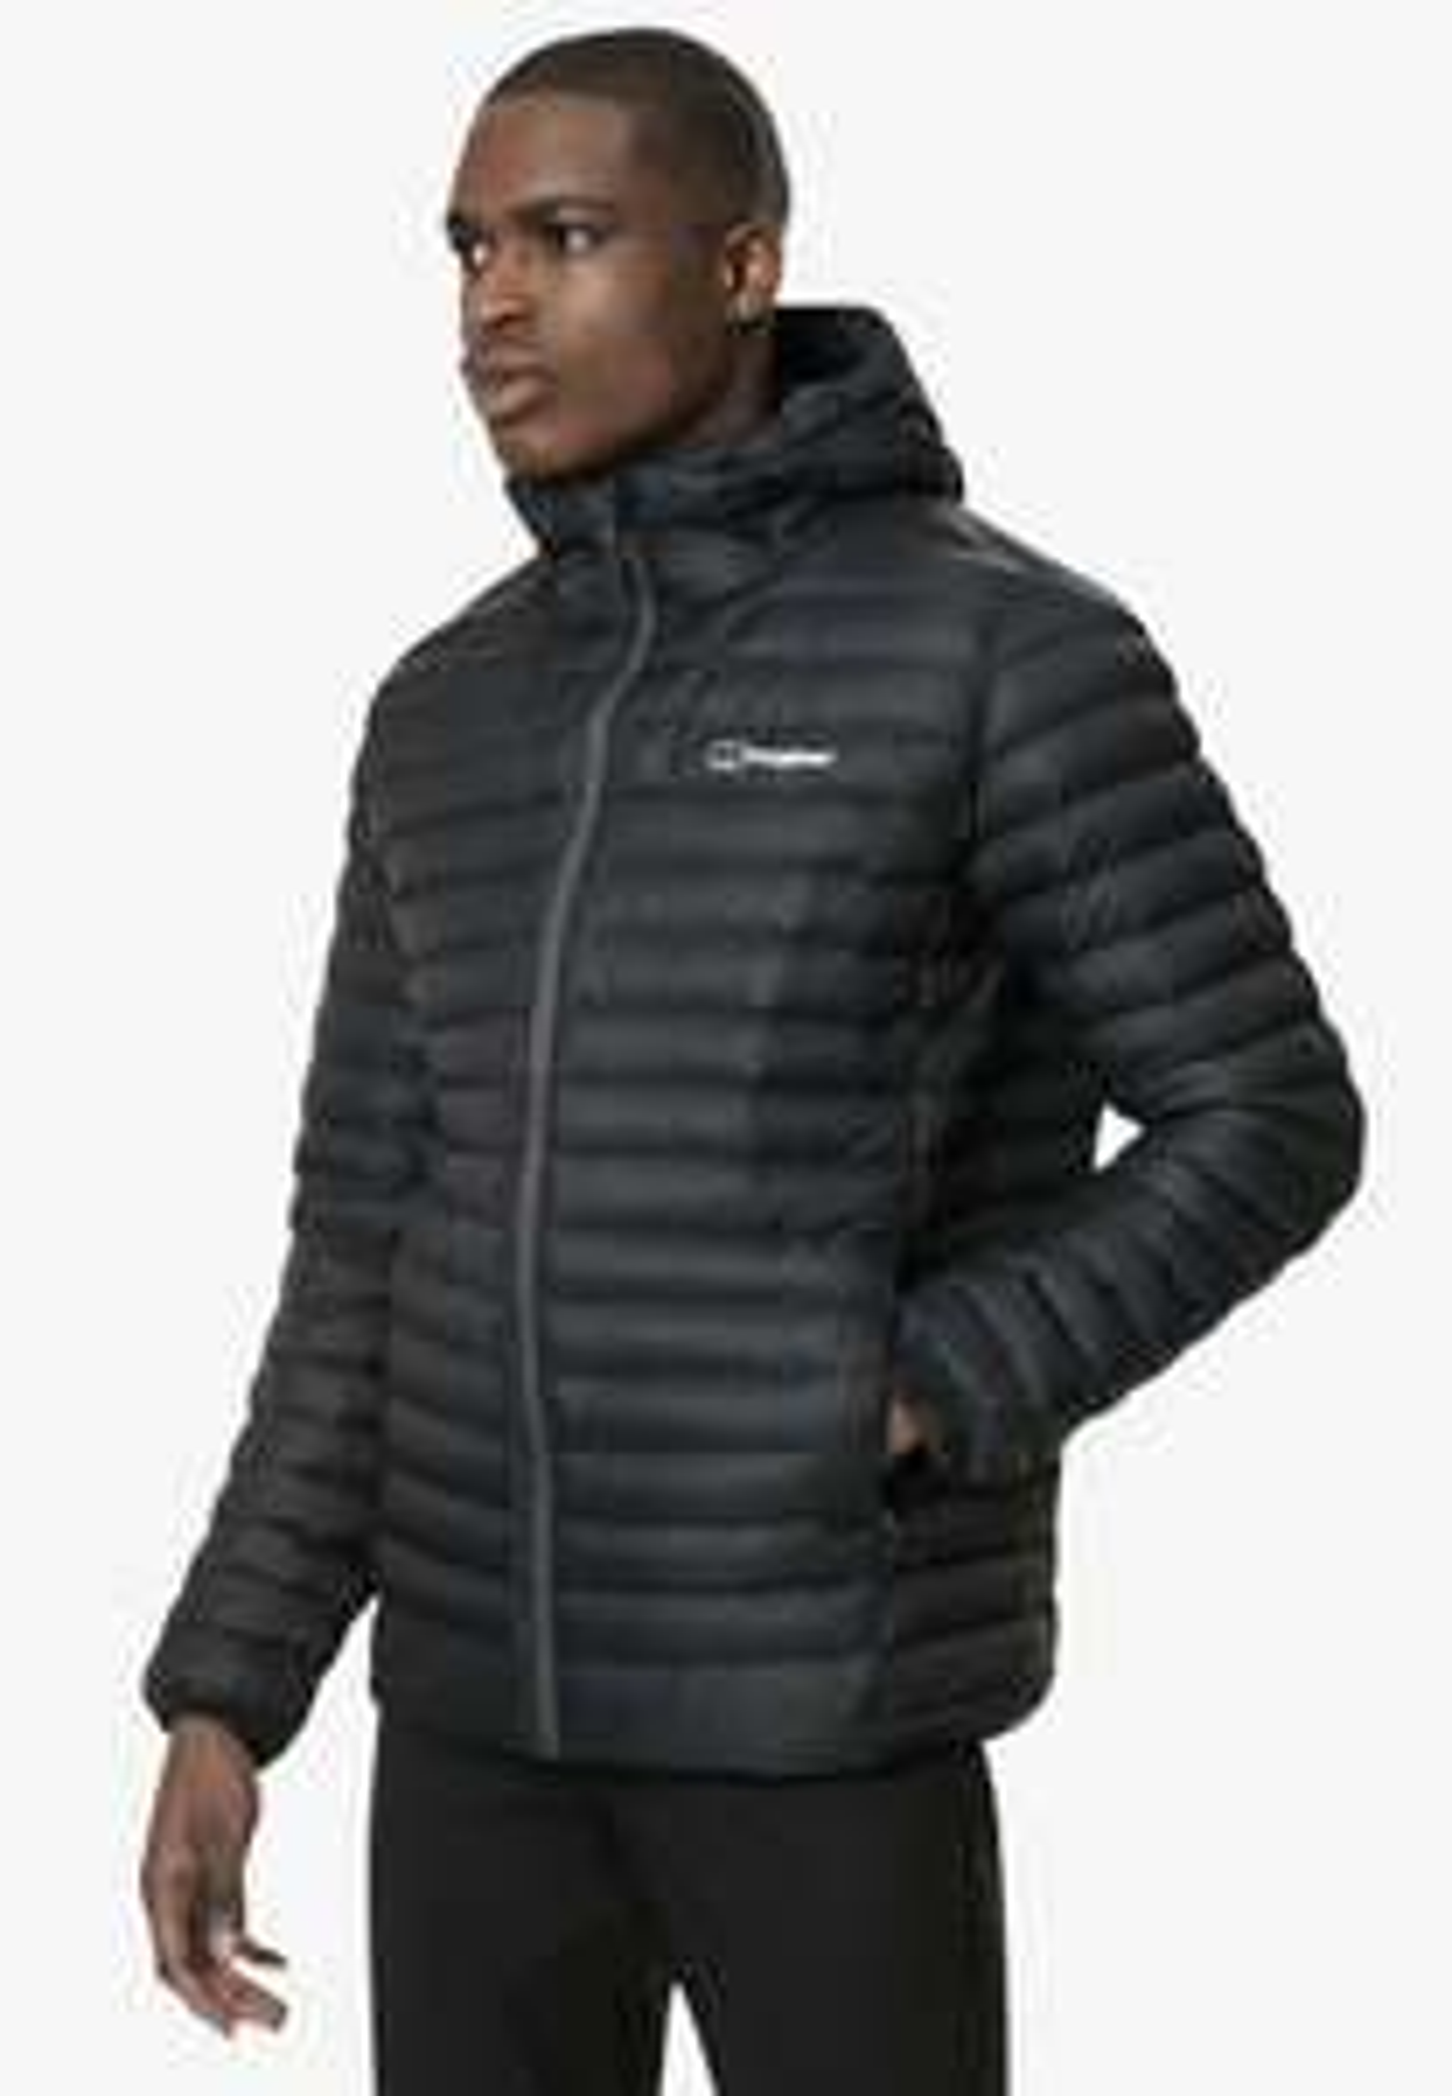 VASKYE - Winterjas van €160,- naar €24,50